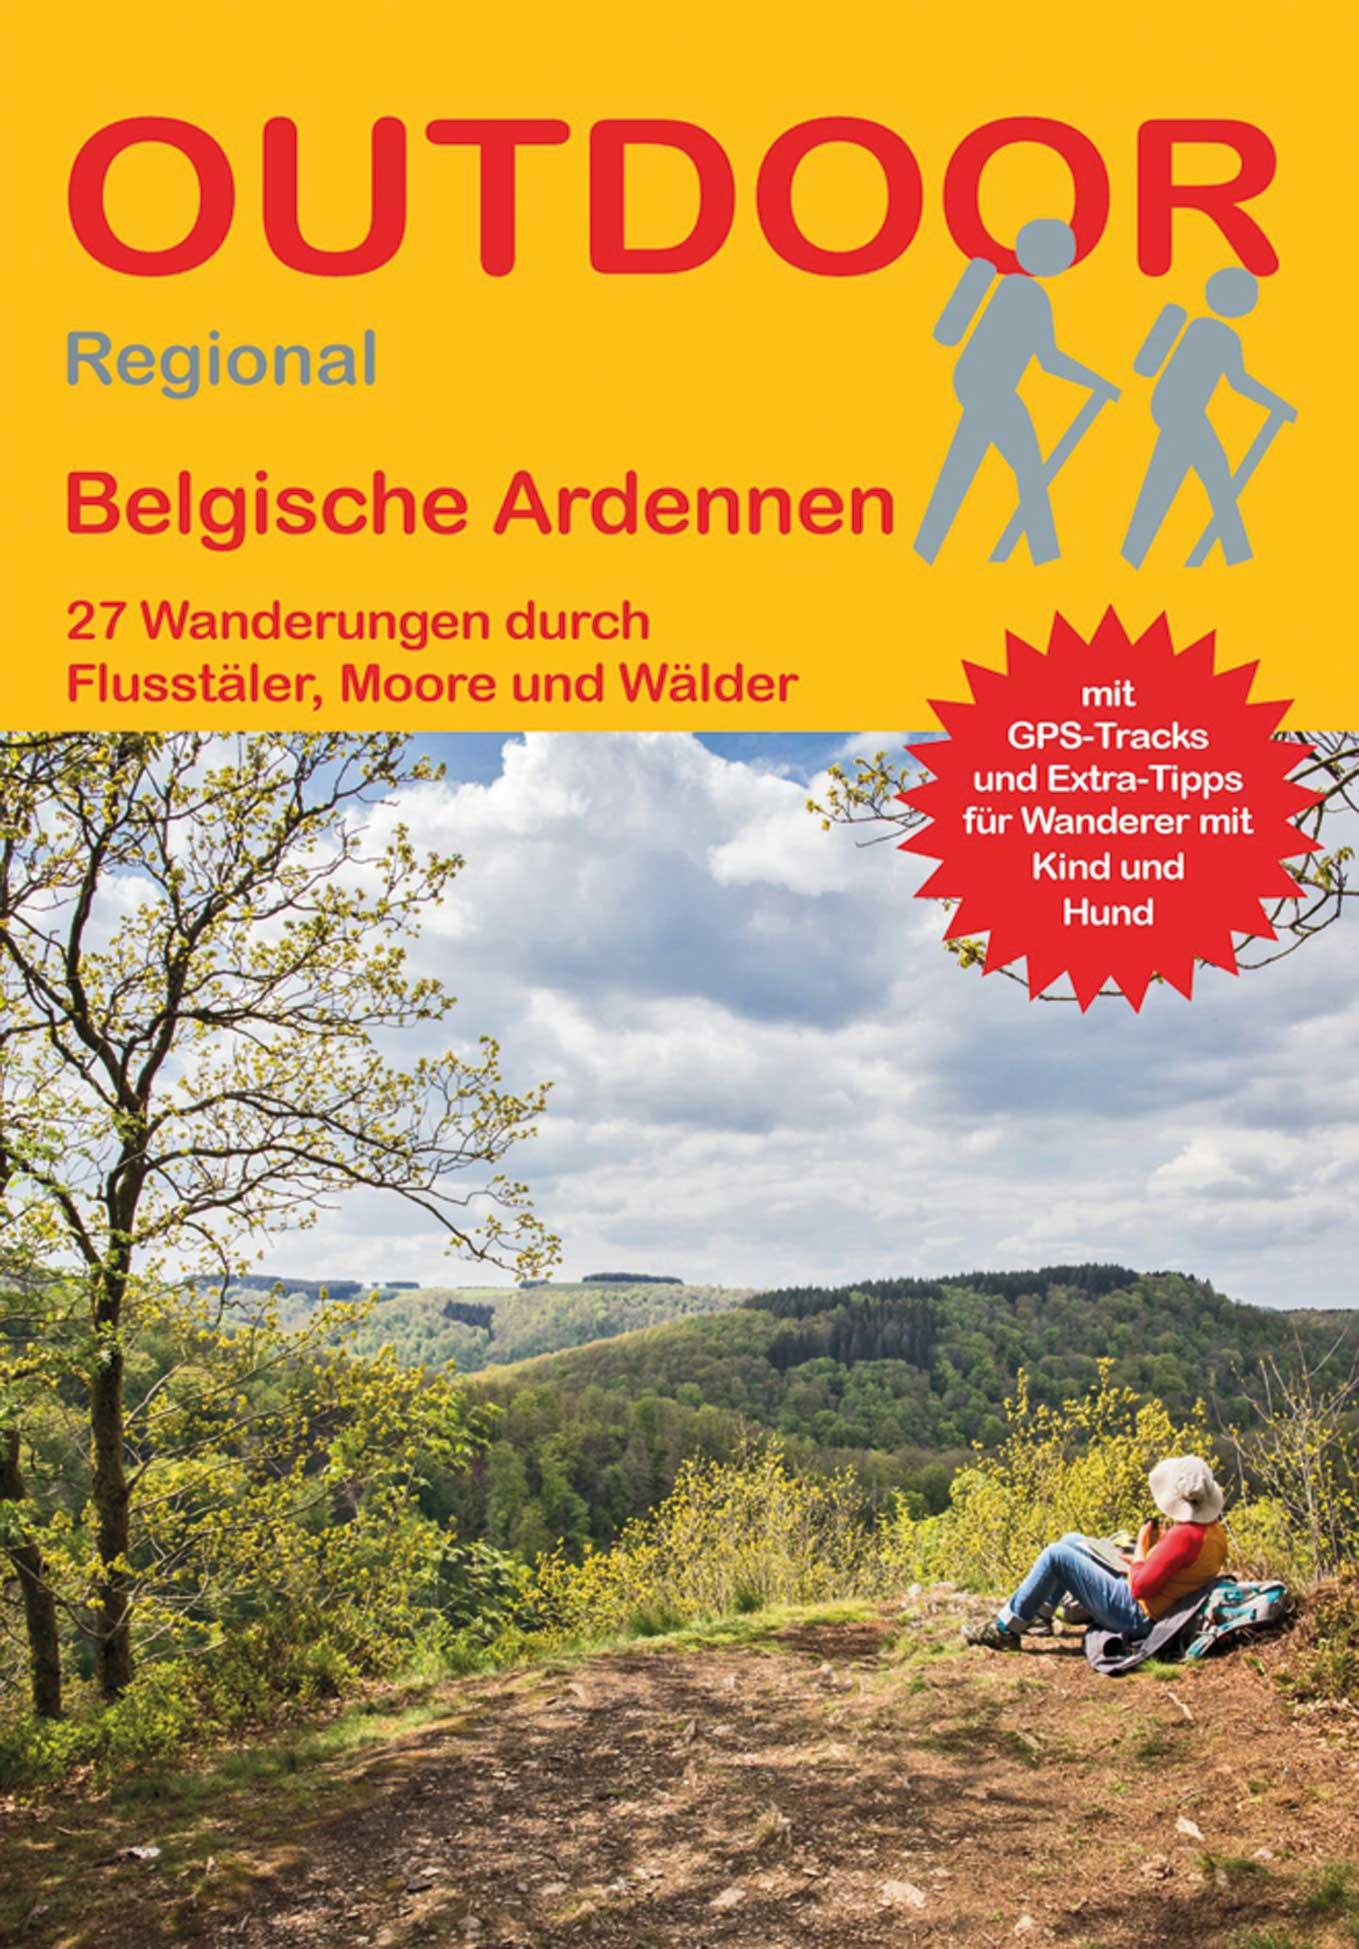 Wandelgids Belgische Ardennen   Conrad Stein Verlag de zwerver